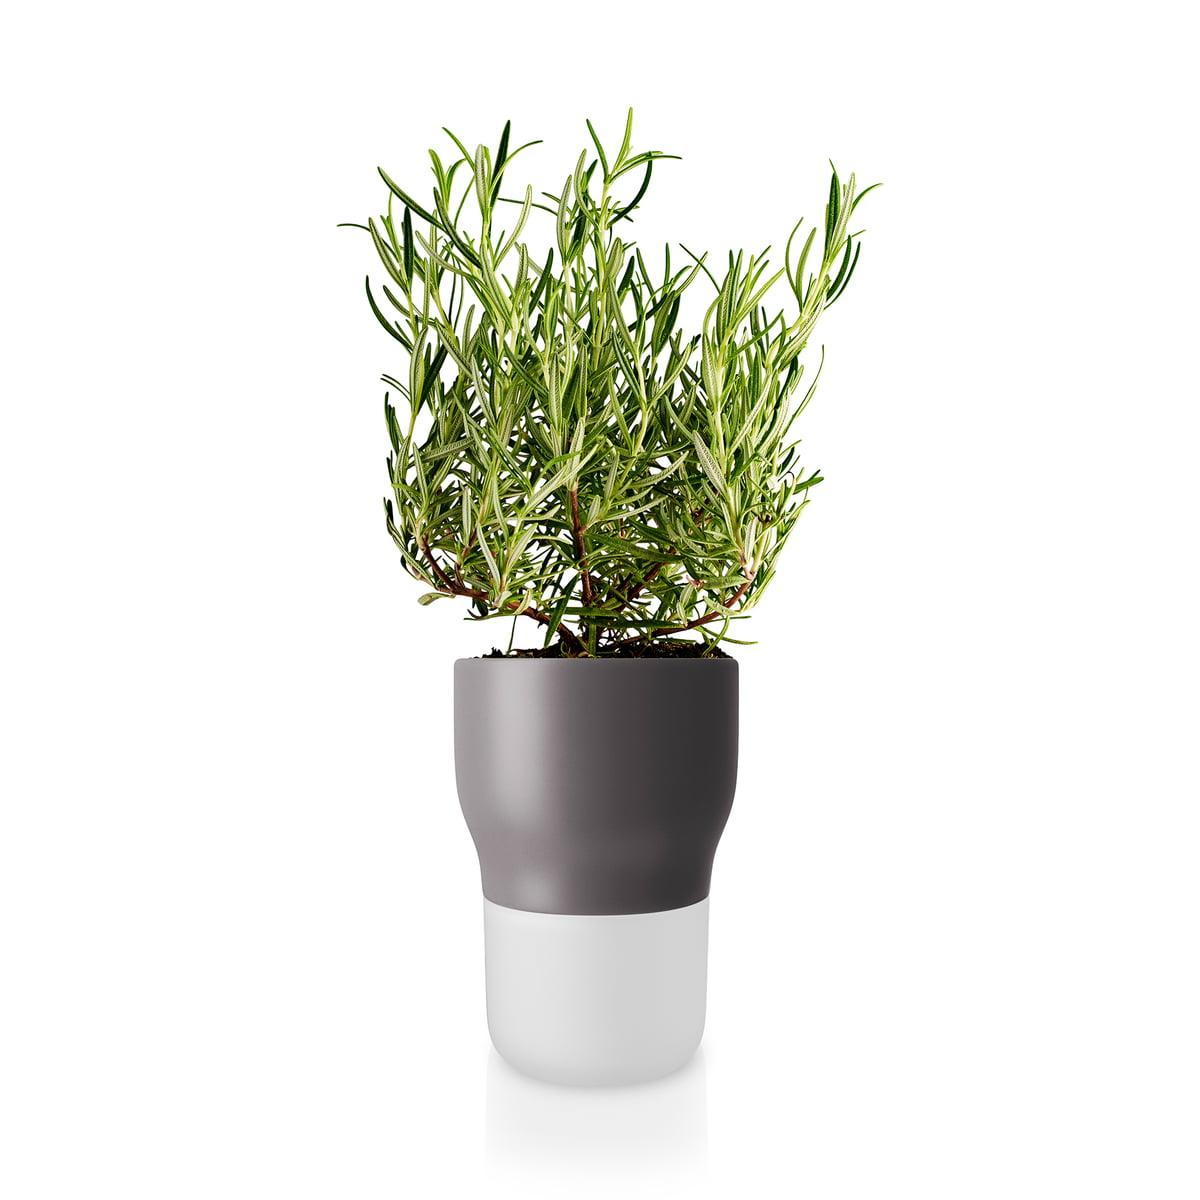 Arrosage Pour Plantes En Pot eva solo - pot à herbes aromatiques d'arrosage automatique, Ø 9 cm / blanc  chaux